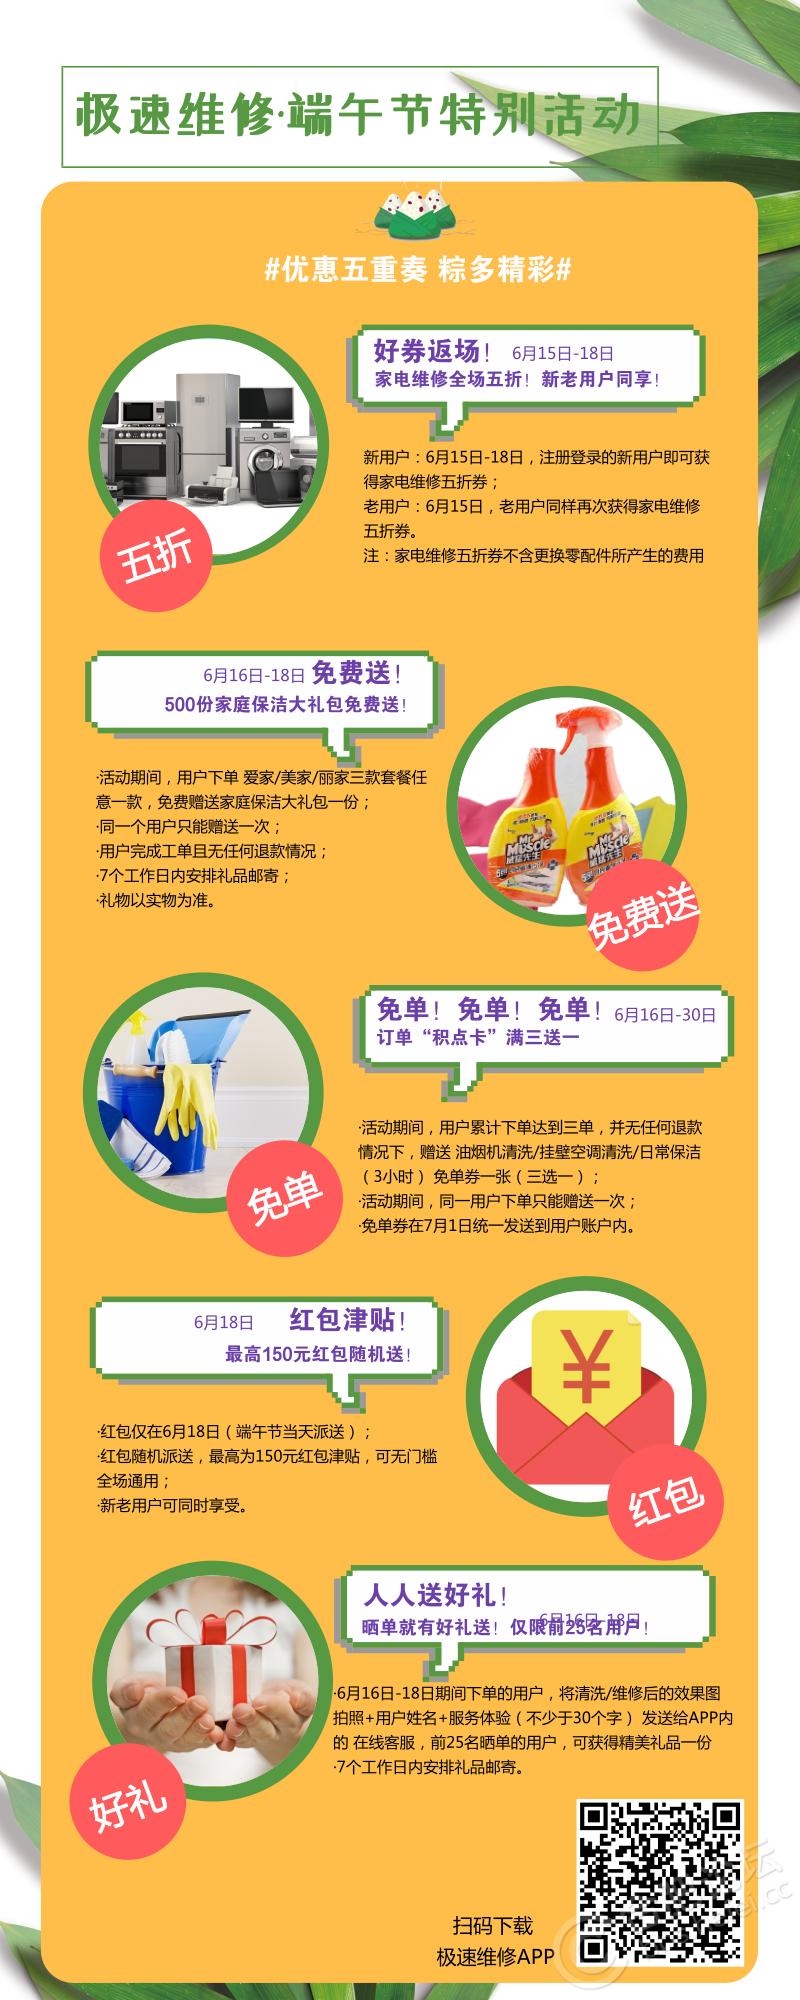 默认标题_营销长图_2018.06.15.png